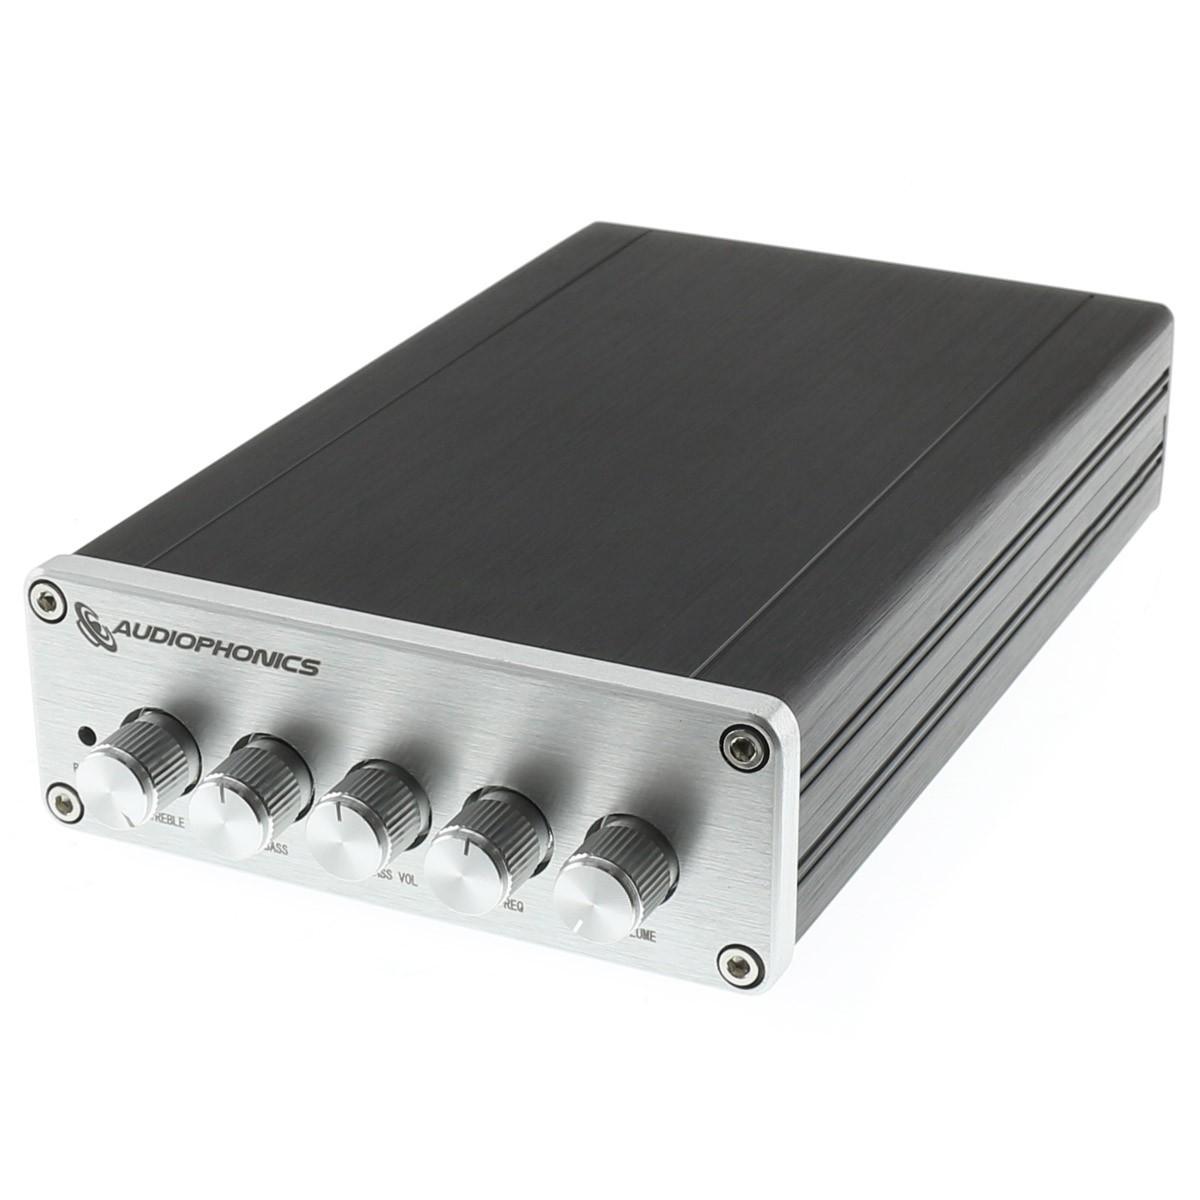 AUDIOPHONICS TPA-SW25F Class D 2.1 Amplifier TPA3116D2 2x50W + 100W 4 Ohm Black